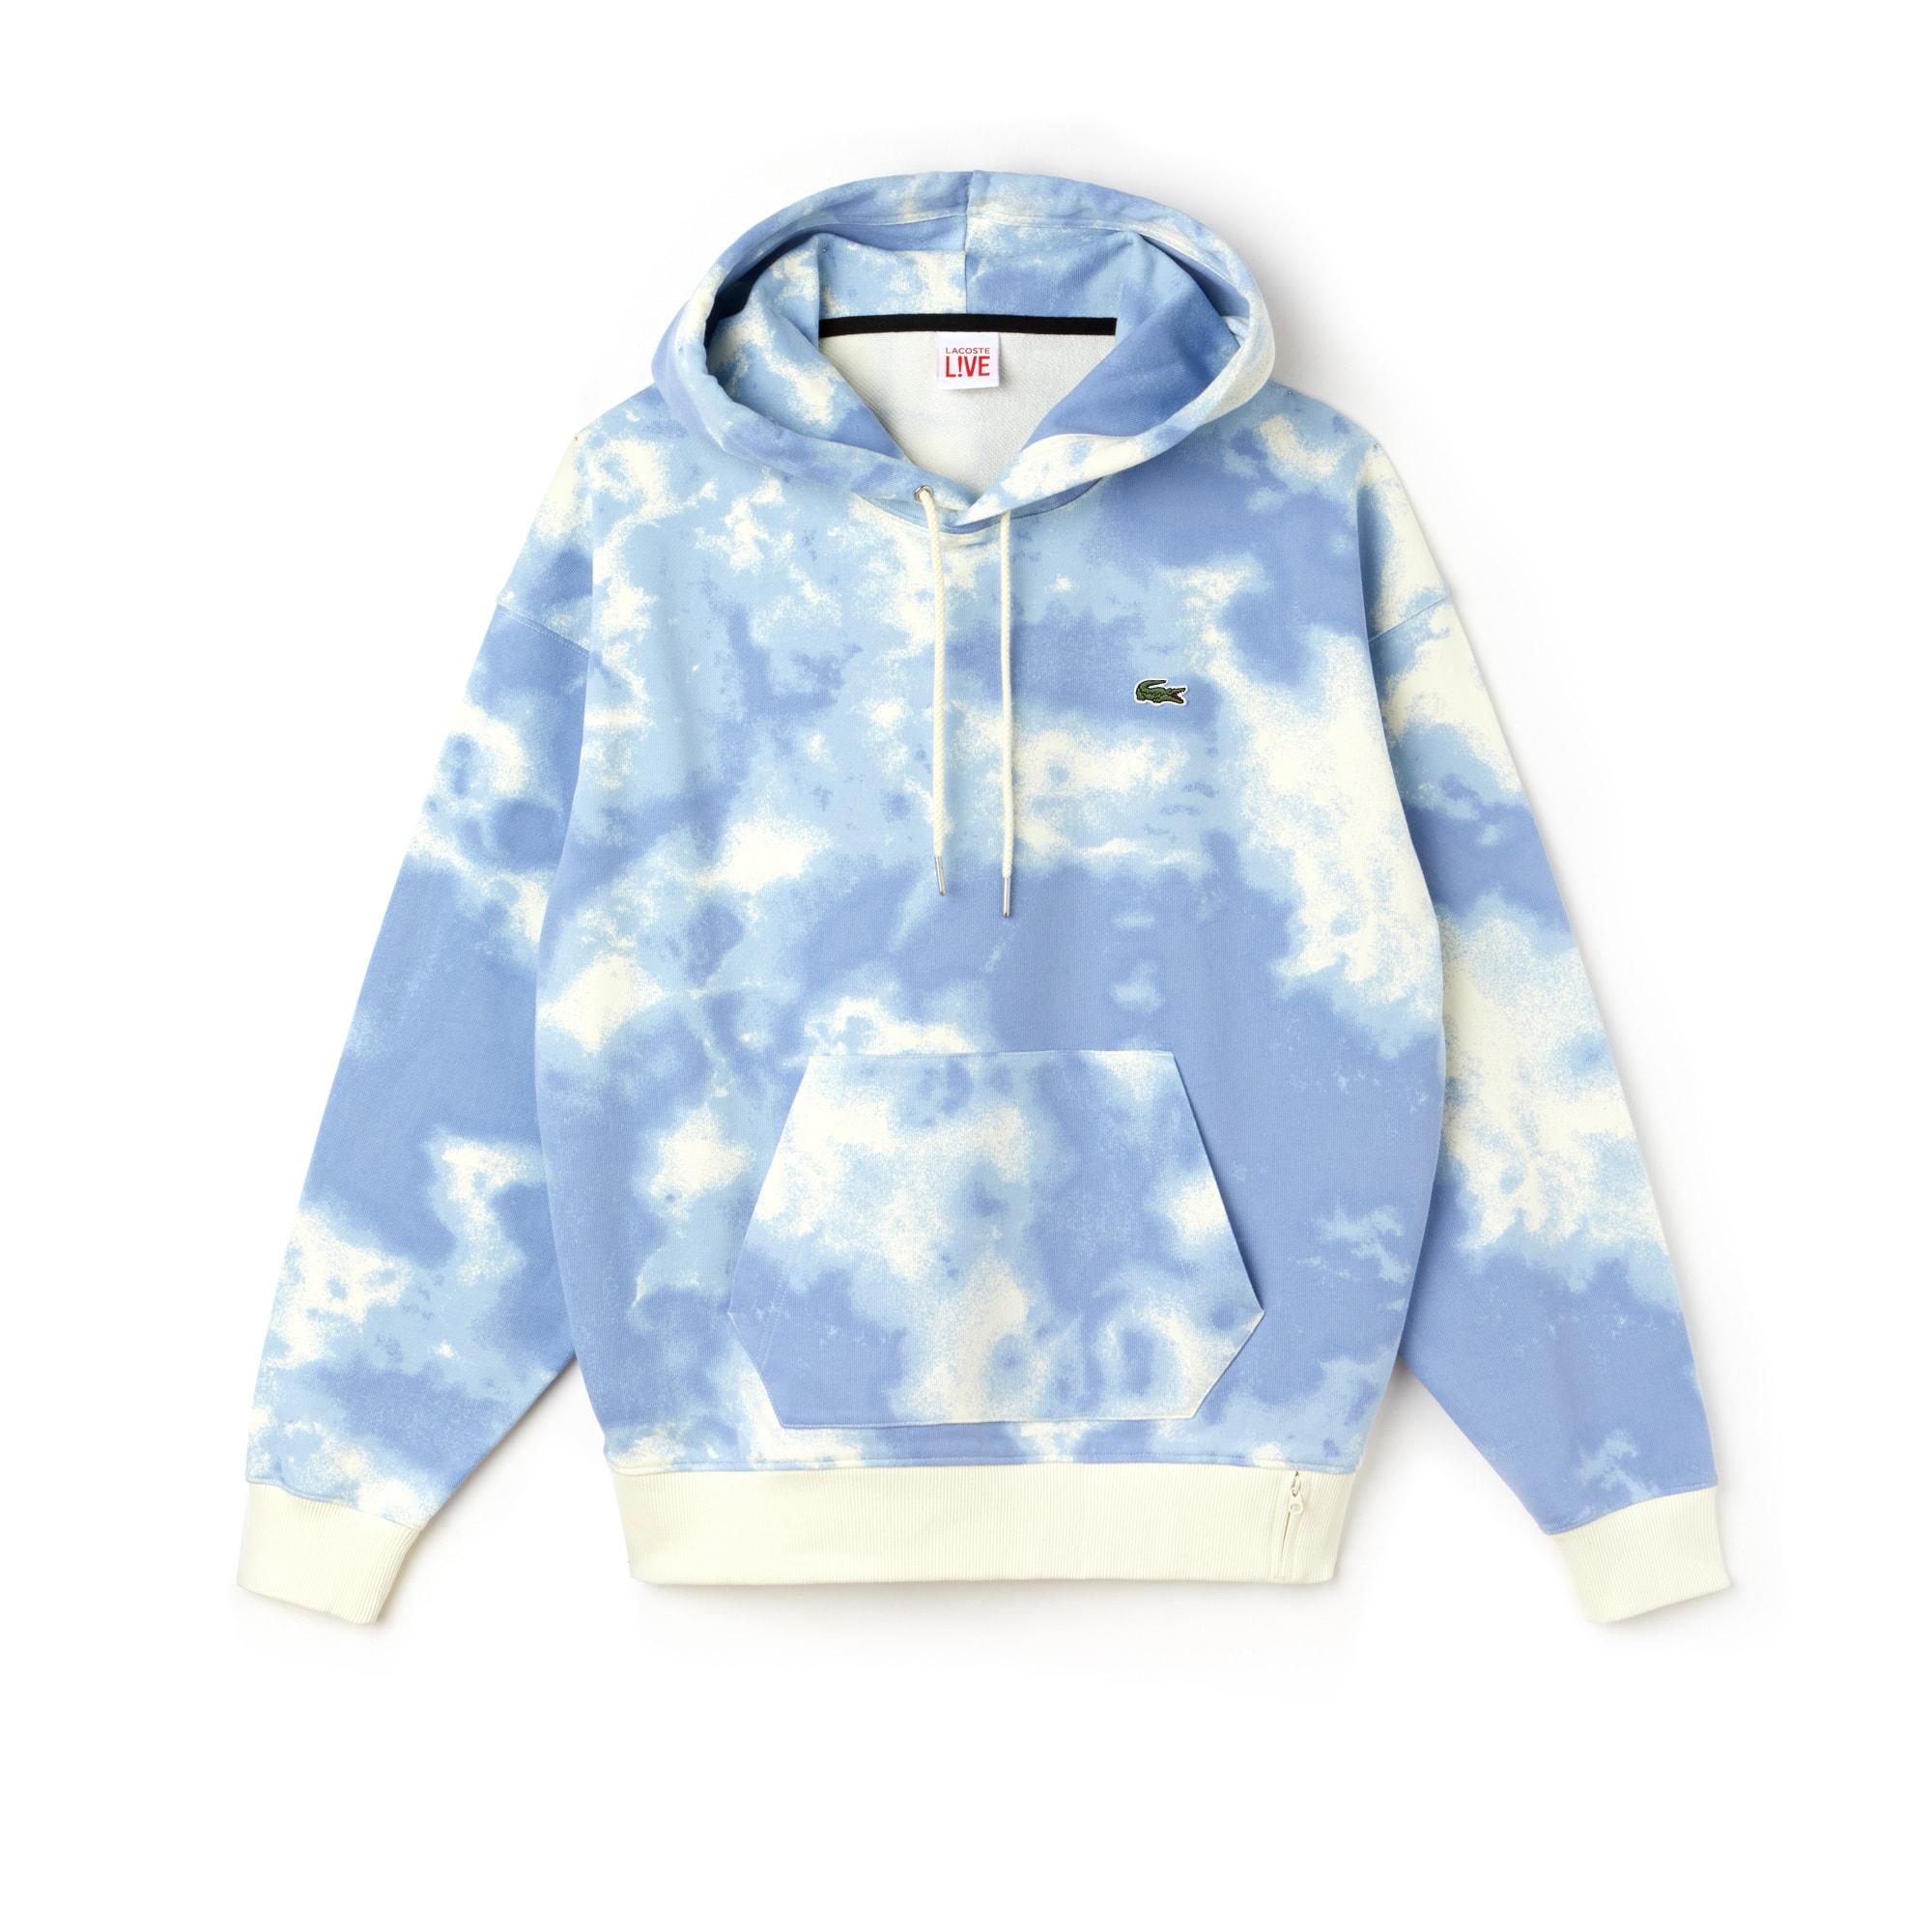 Sweatshirt com capuz Lacoste LIVE em moletão com impressão nuvens